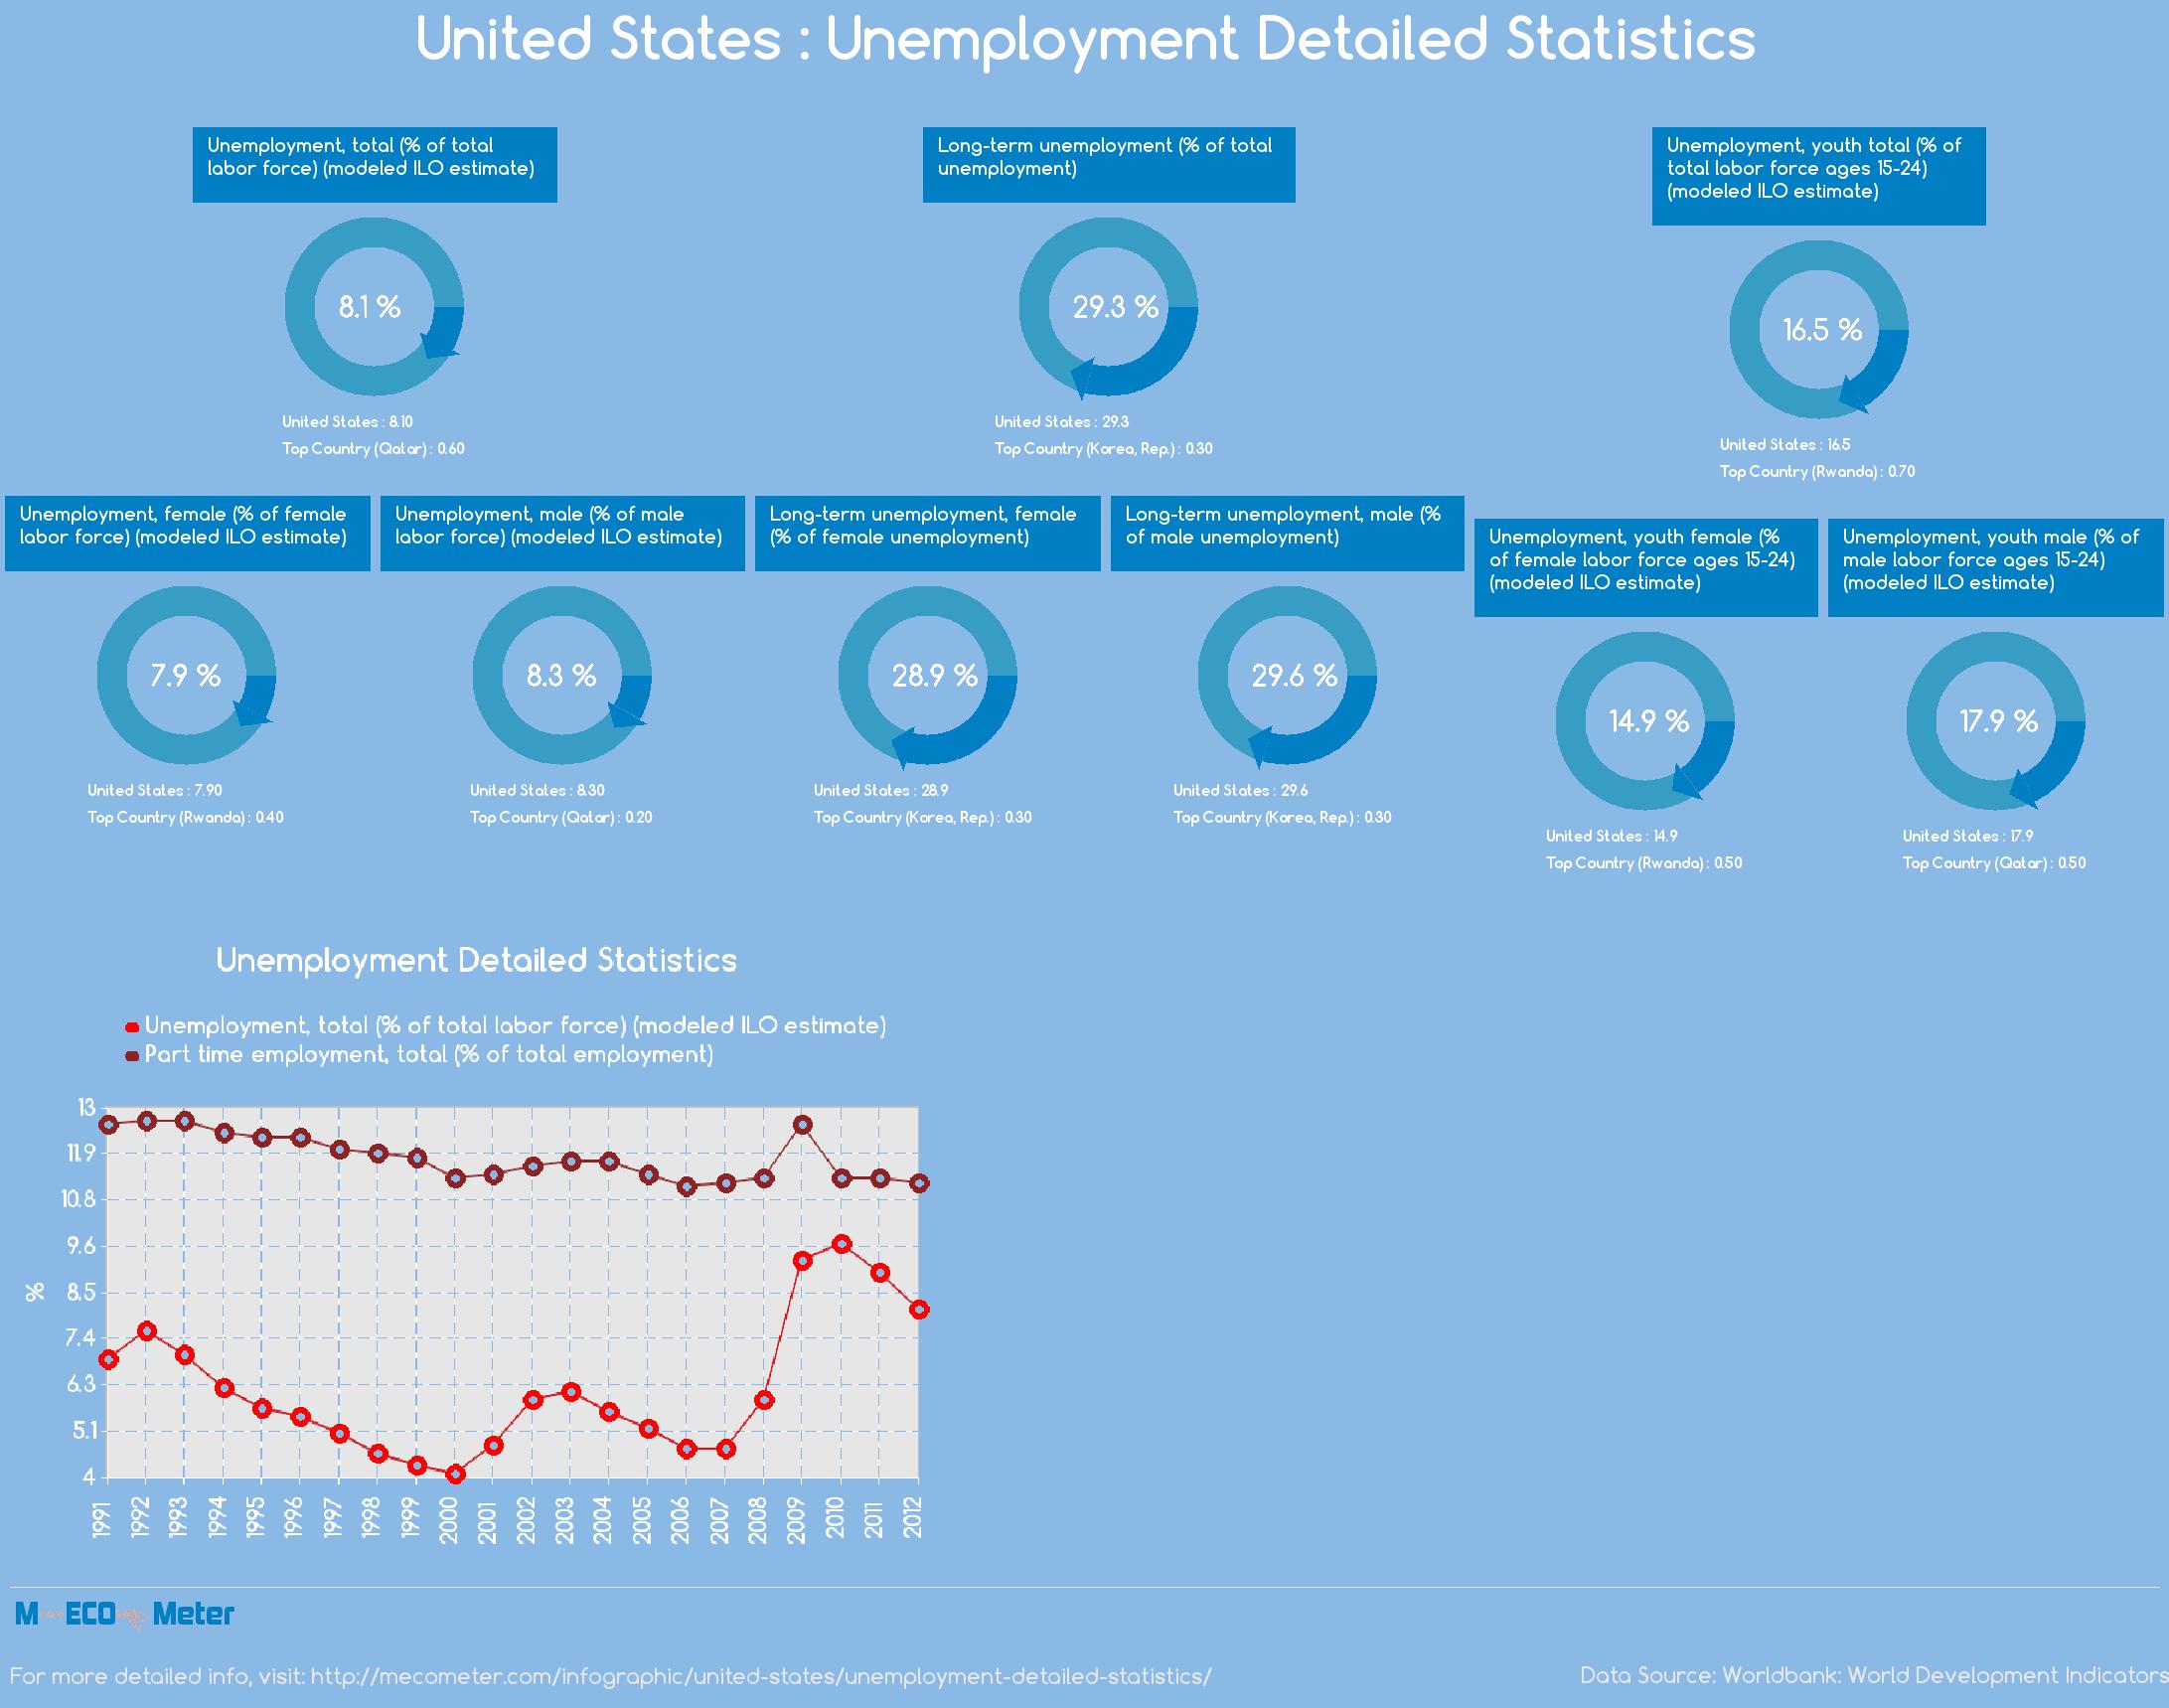 United States : Unemployment Detailed Statistics